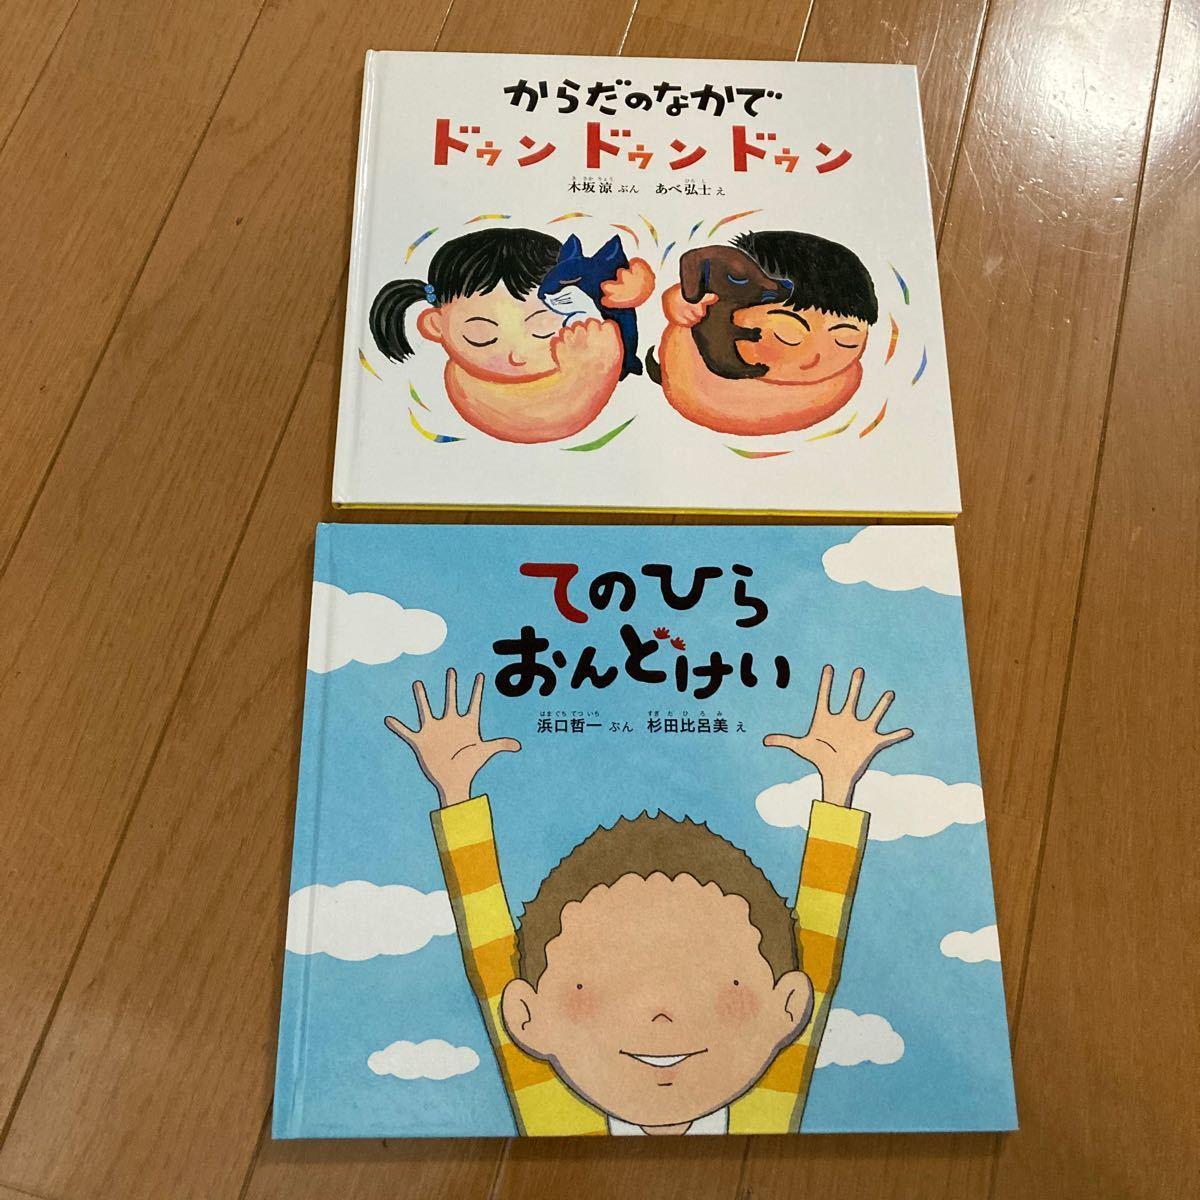 福音館 幼児絵本 てのひらおんどけい からだのなかでドゥンドゥンドゥン 2冊